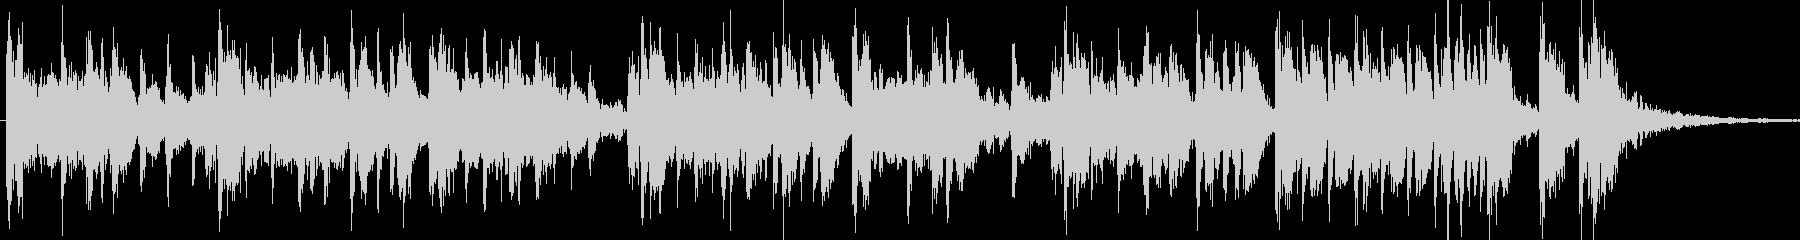 津軽三味線と太鼓のクールなジングル15秒の未再生の波形